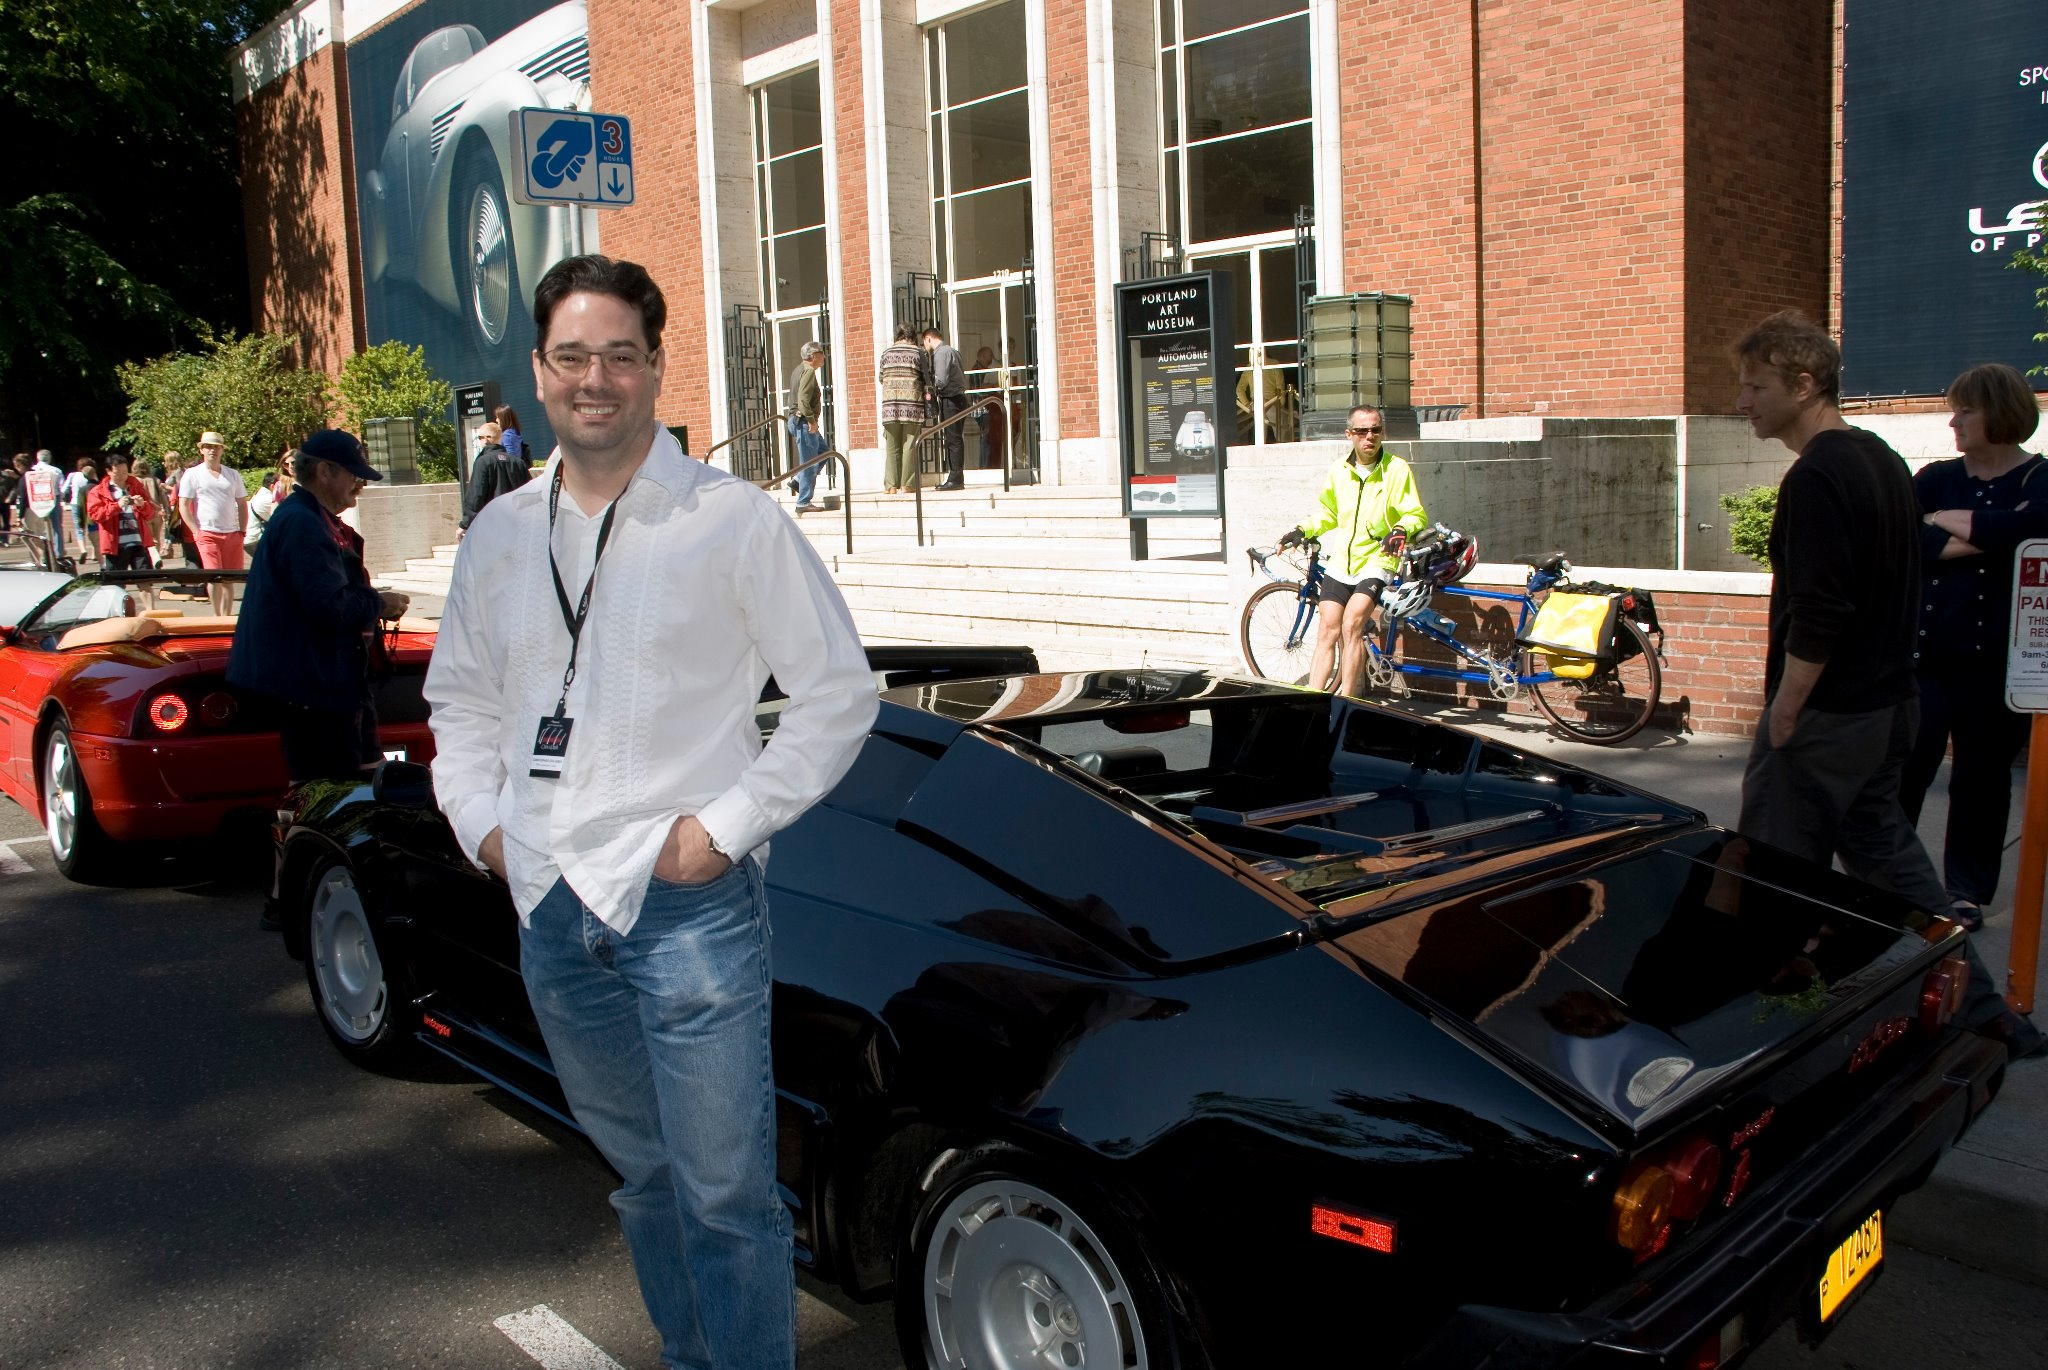 1986 Lamborghini Jalpa and chris